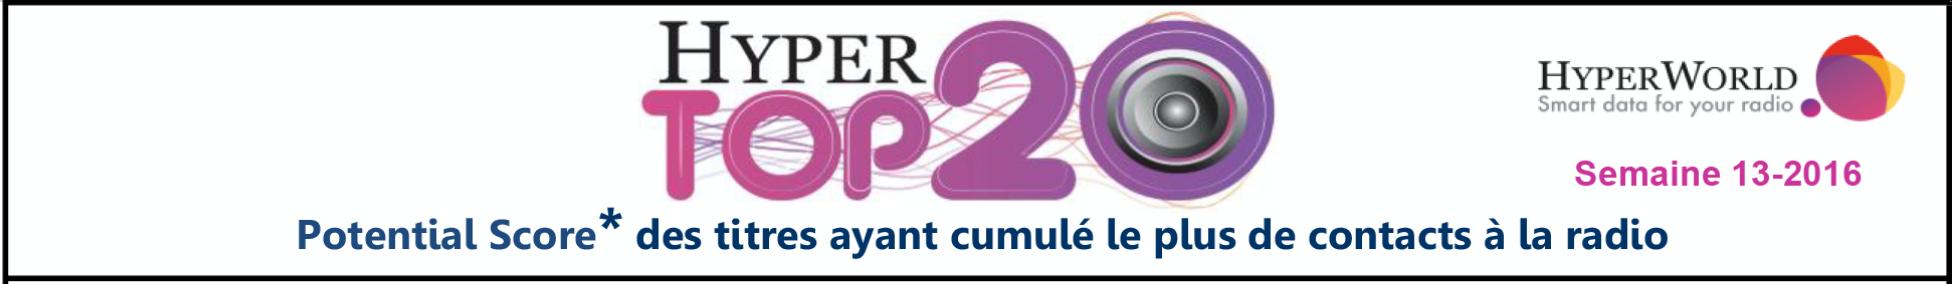 HyperTop20 - Semaine 13-2016 Le dessous des cartes de Yacast